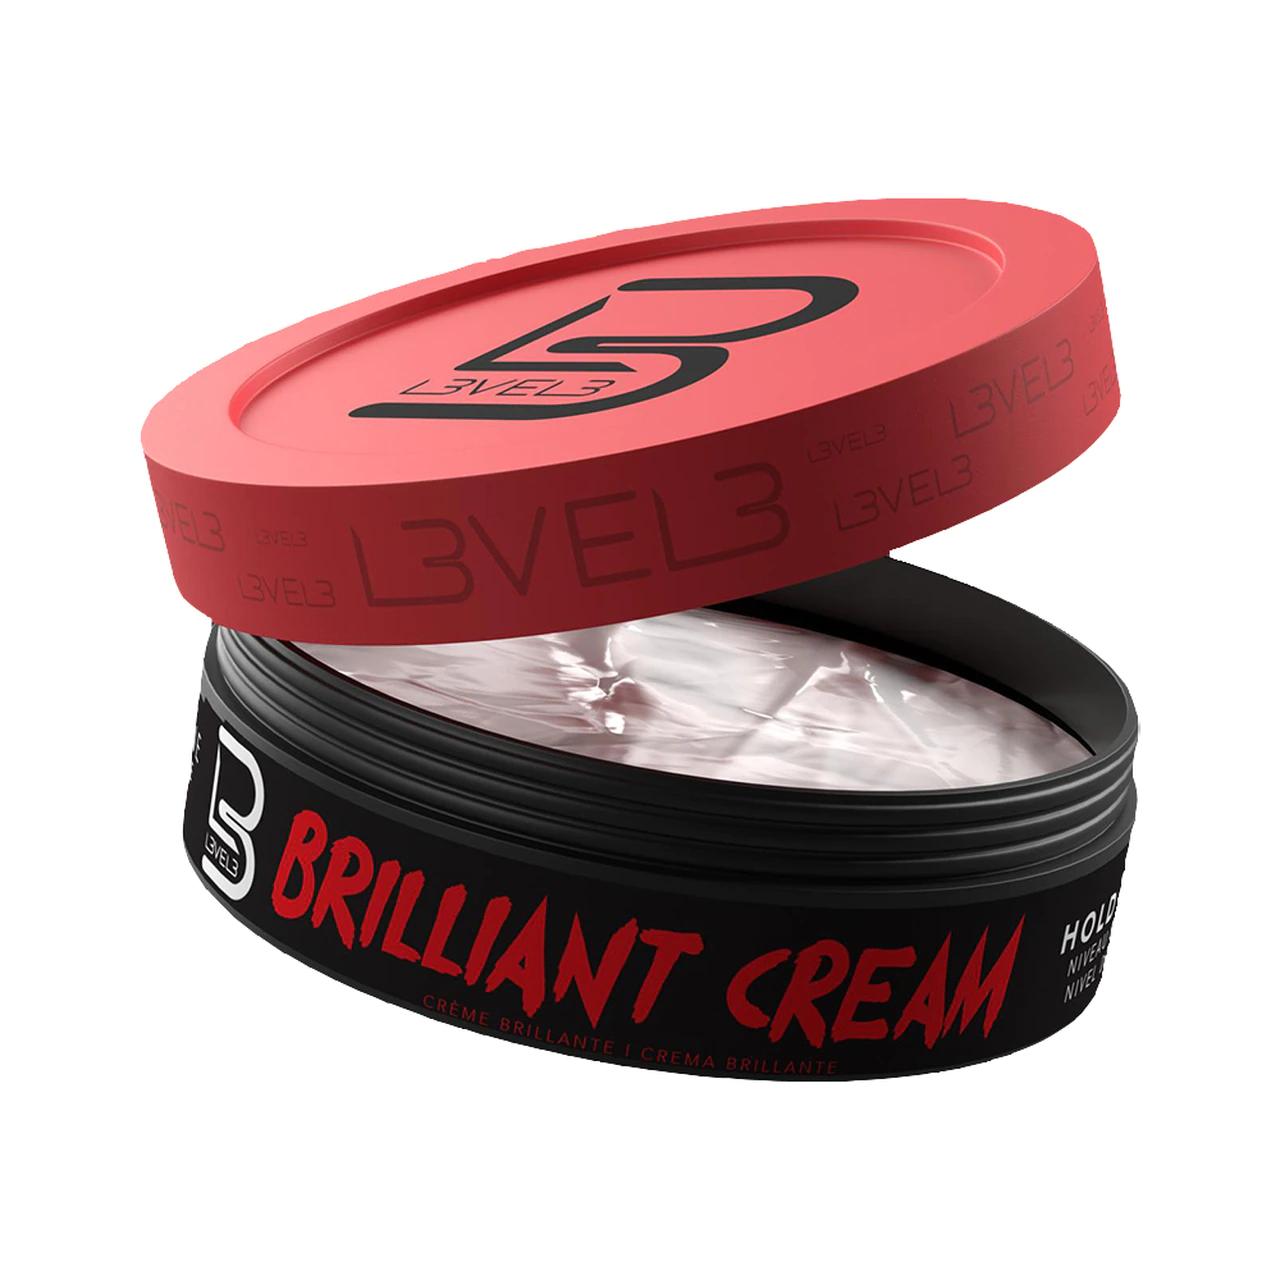 Level3 Brilliant Cream